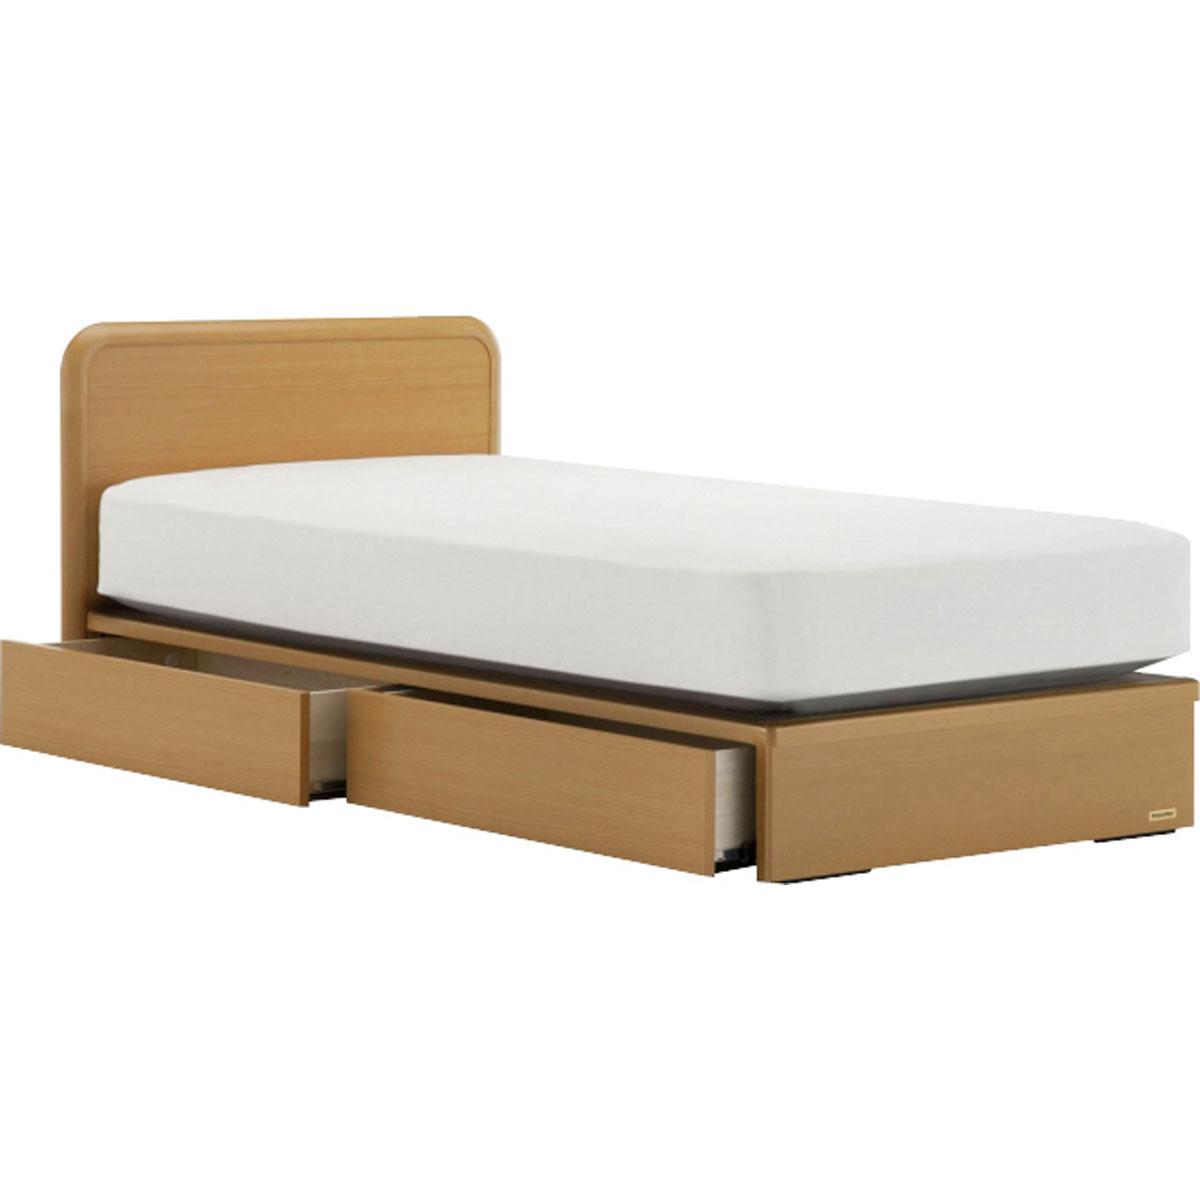 フランスベッド 引出し付 ベッドフレーム ビーチ色 セミダブルサイズ 【4梱包】 RD-L202-DR-SD-BCH